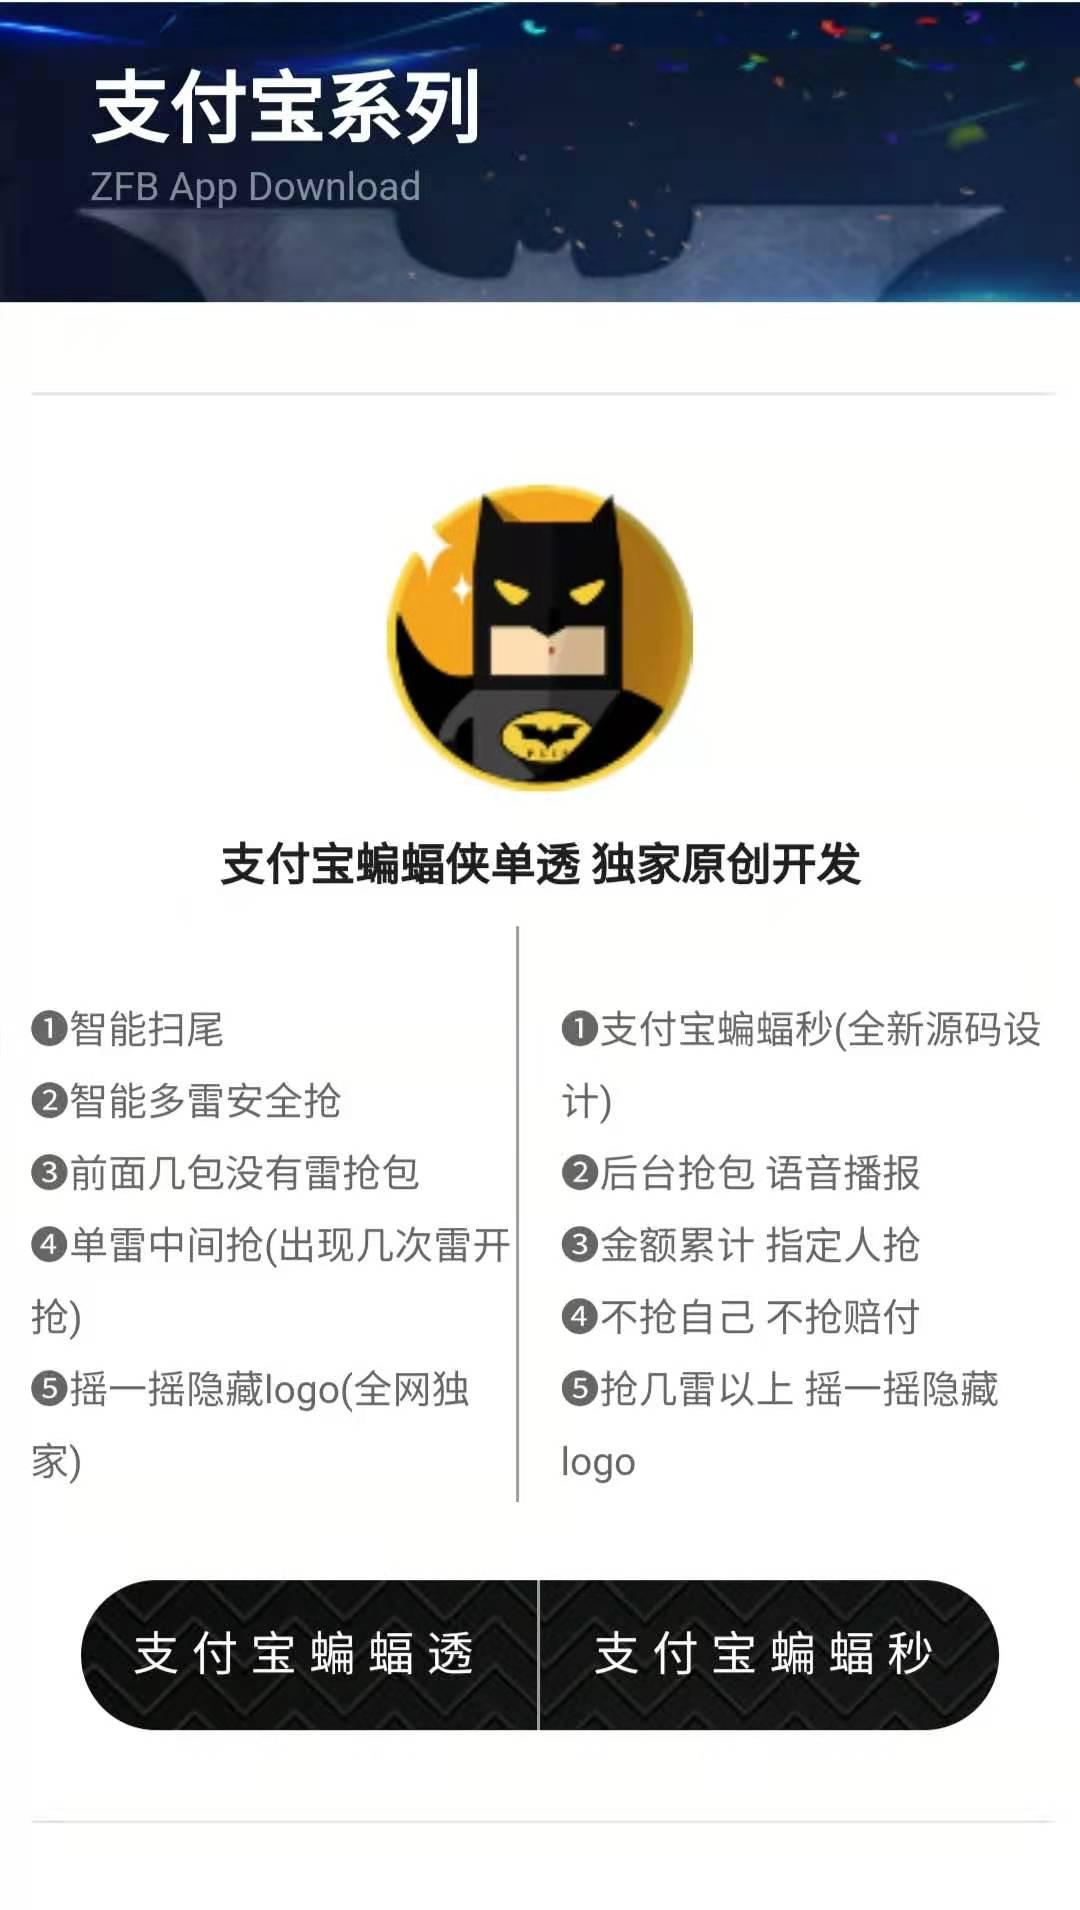 【支付宝蝙蝠秒周卡】苹果版